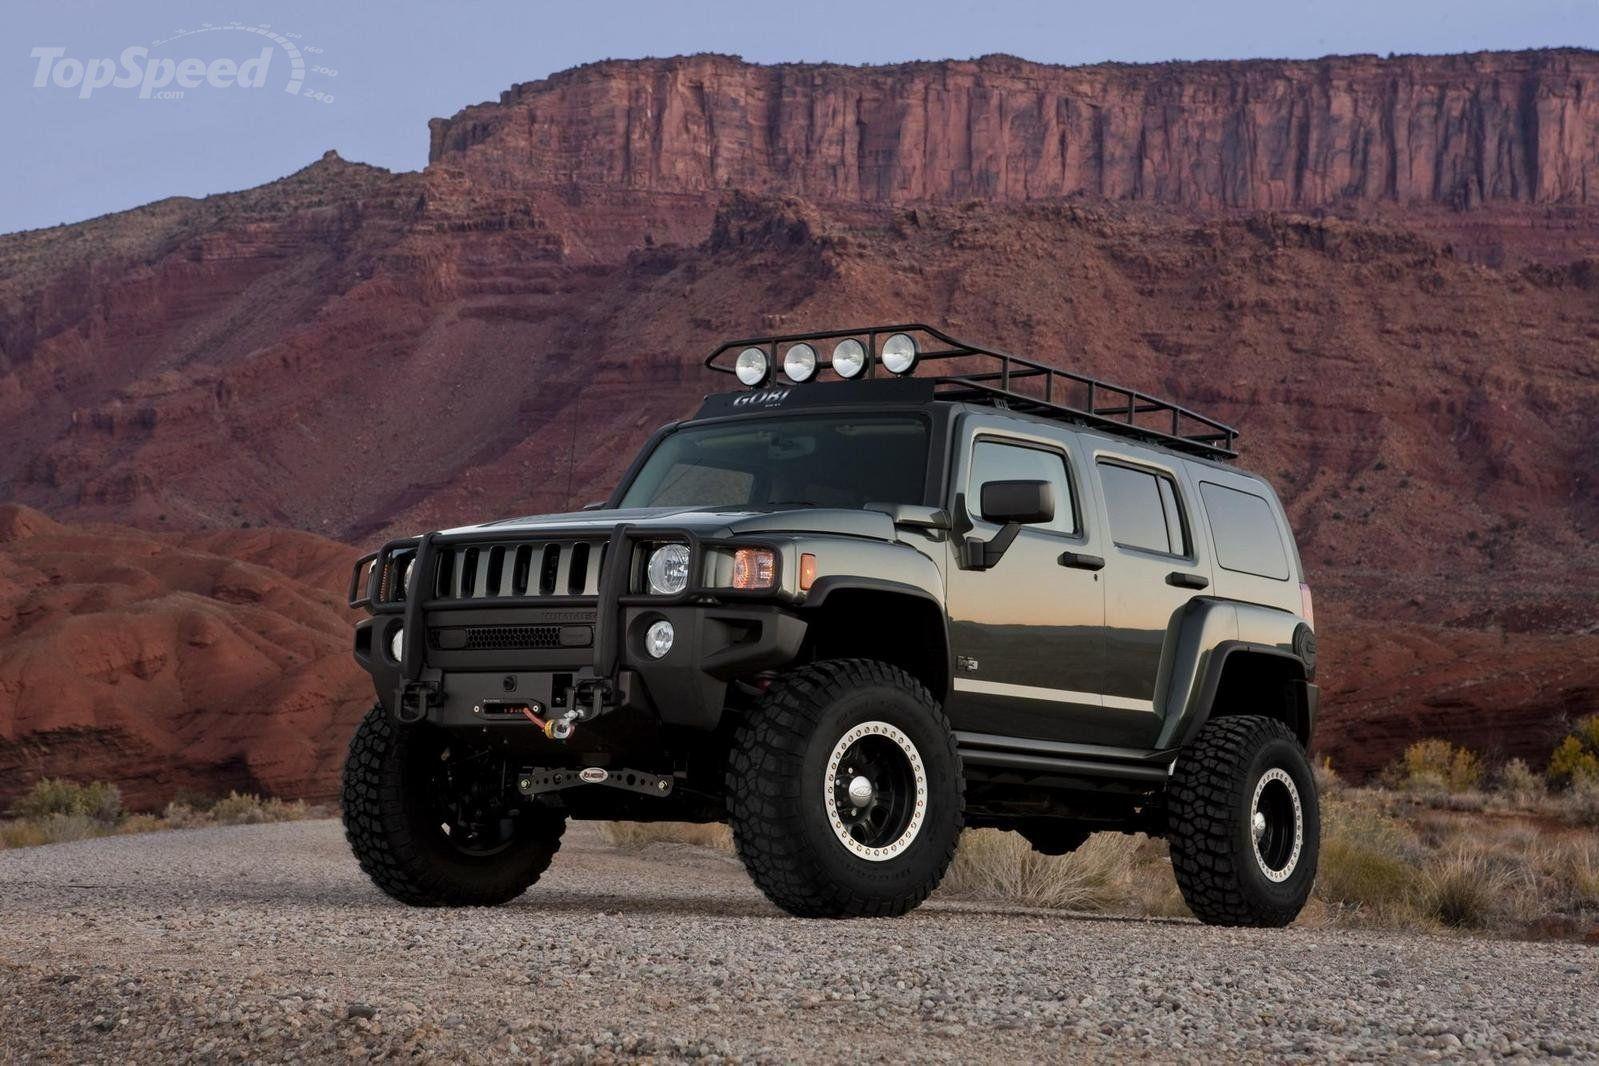 2009 Hummer H3 Moab Concept Gallery 331026 Hummer H3 Hummer